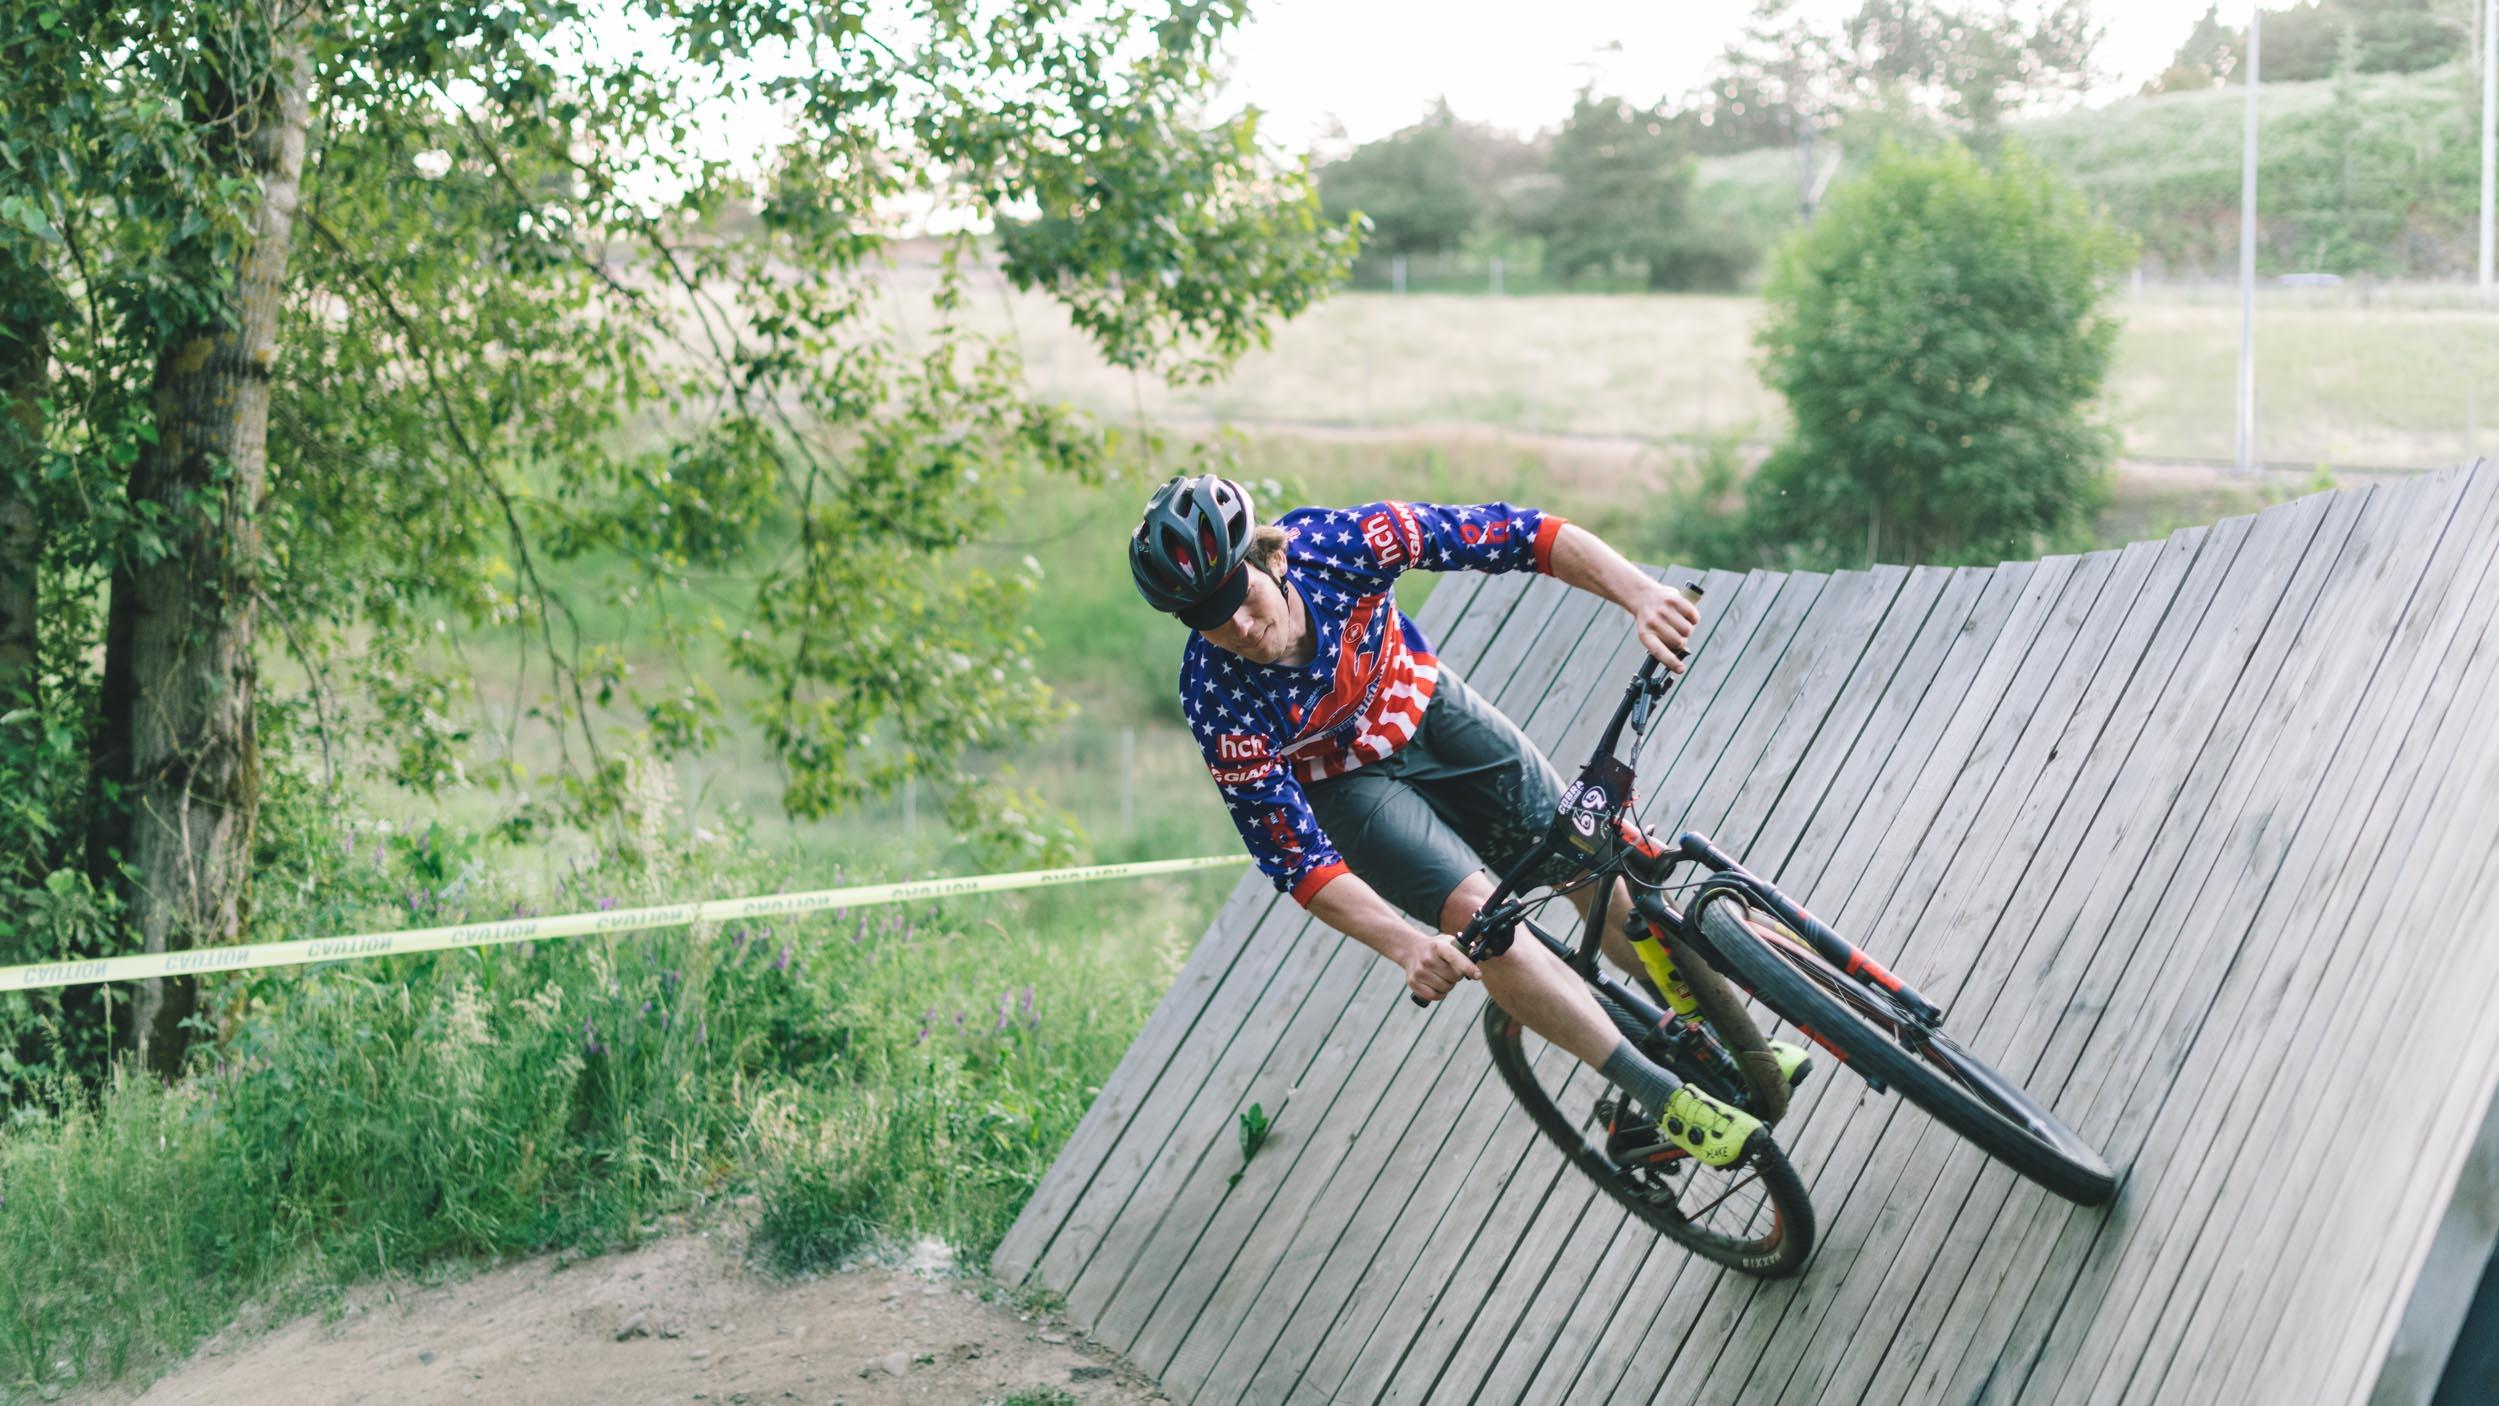 COBRA_Racing_Gateway_Miguel_Race_17.jpg